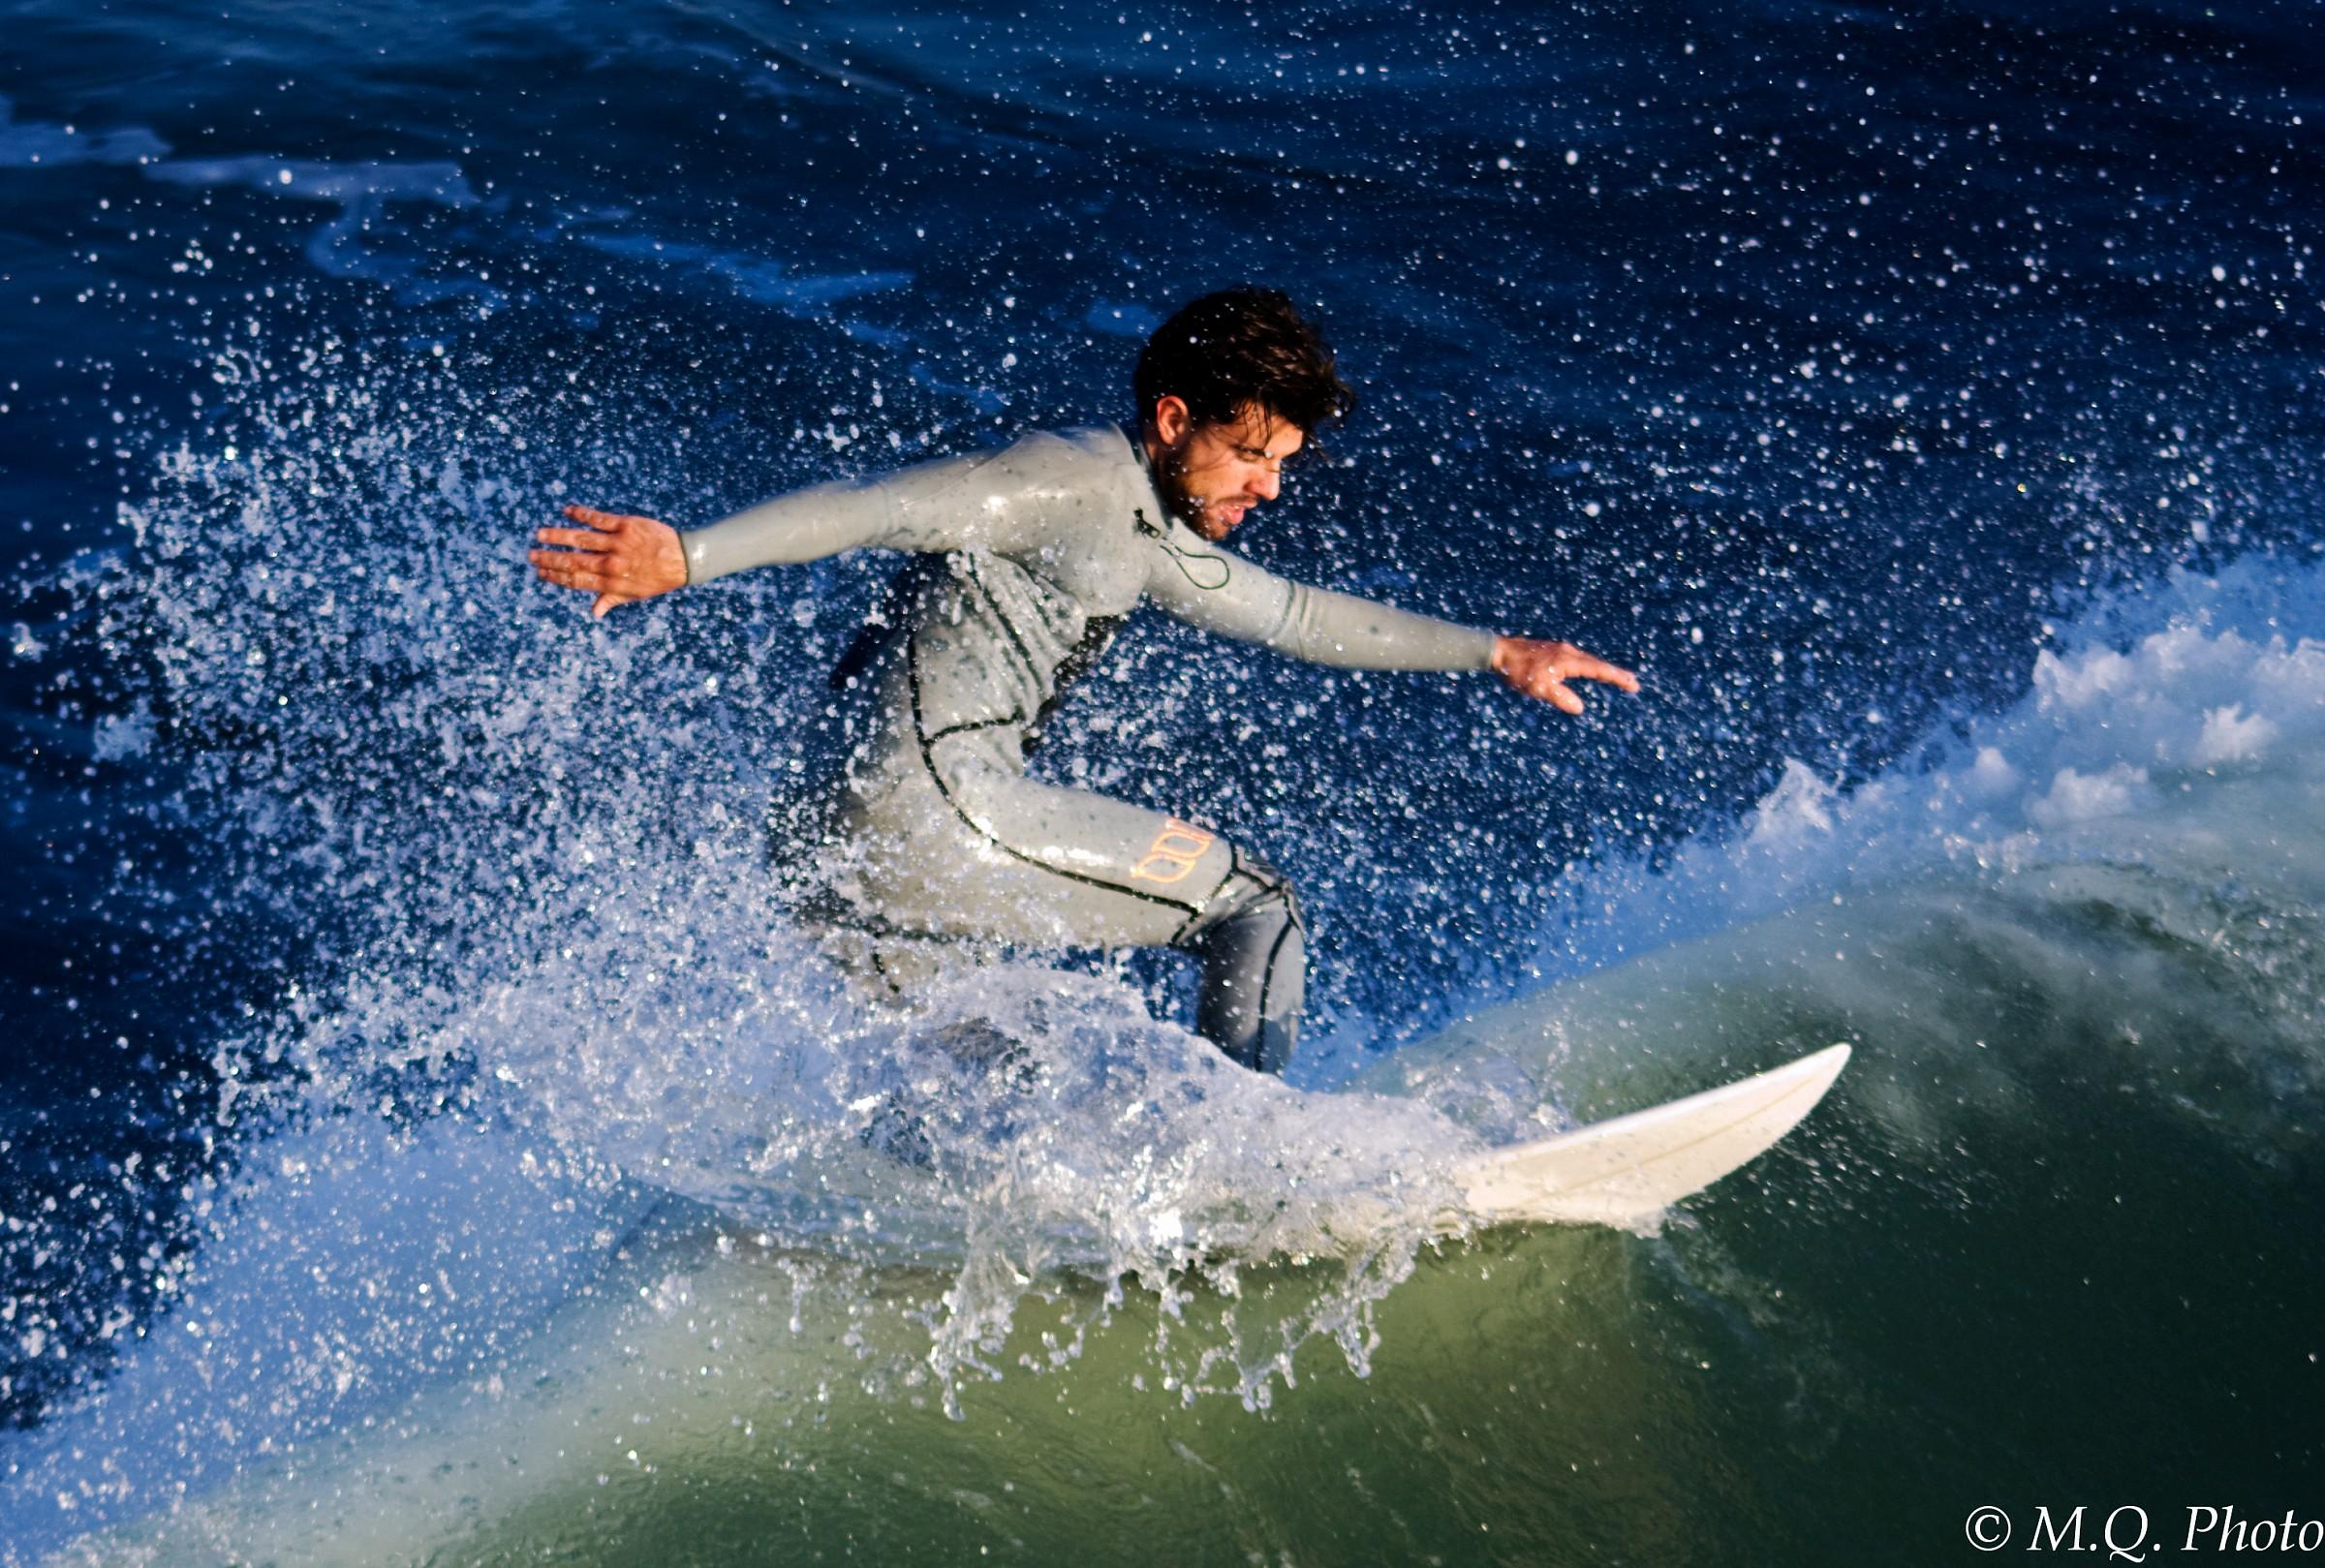 Sulla cresta dell'onda...